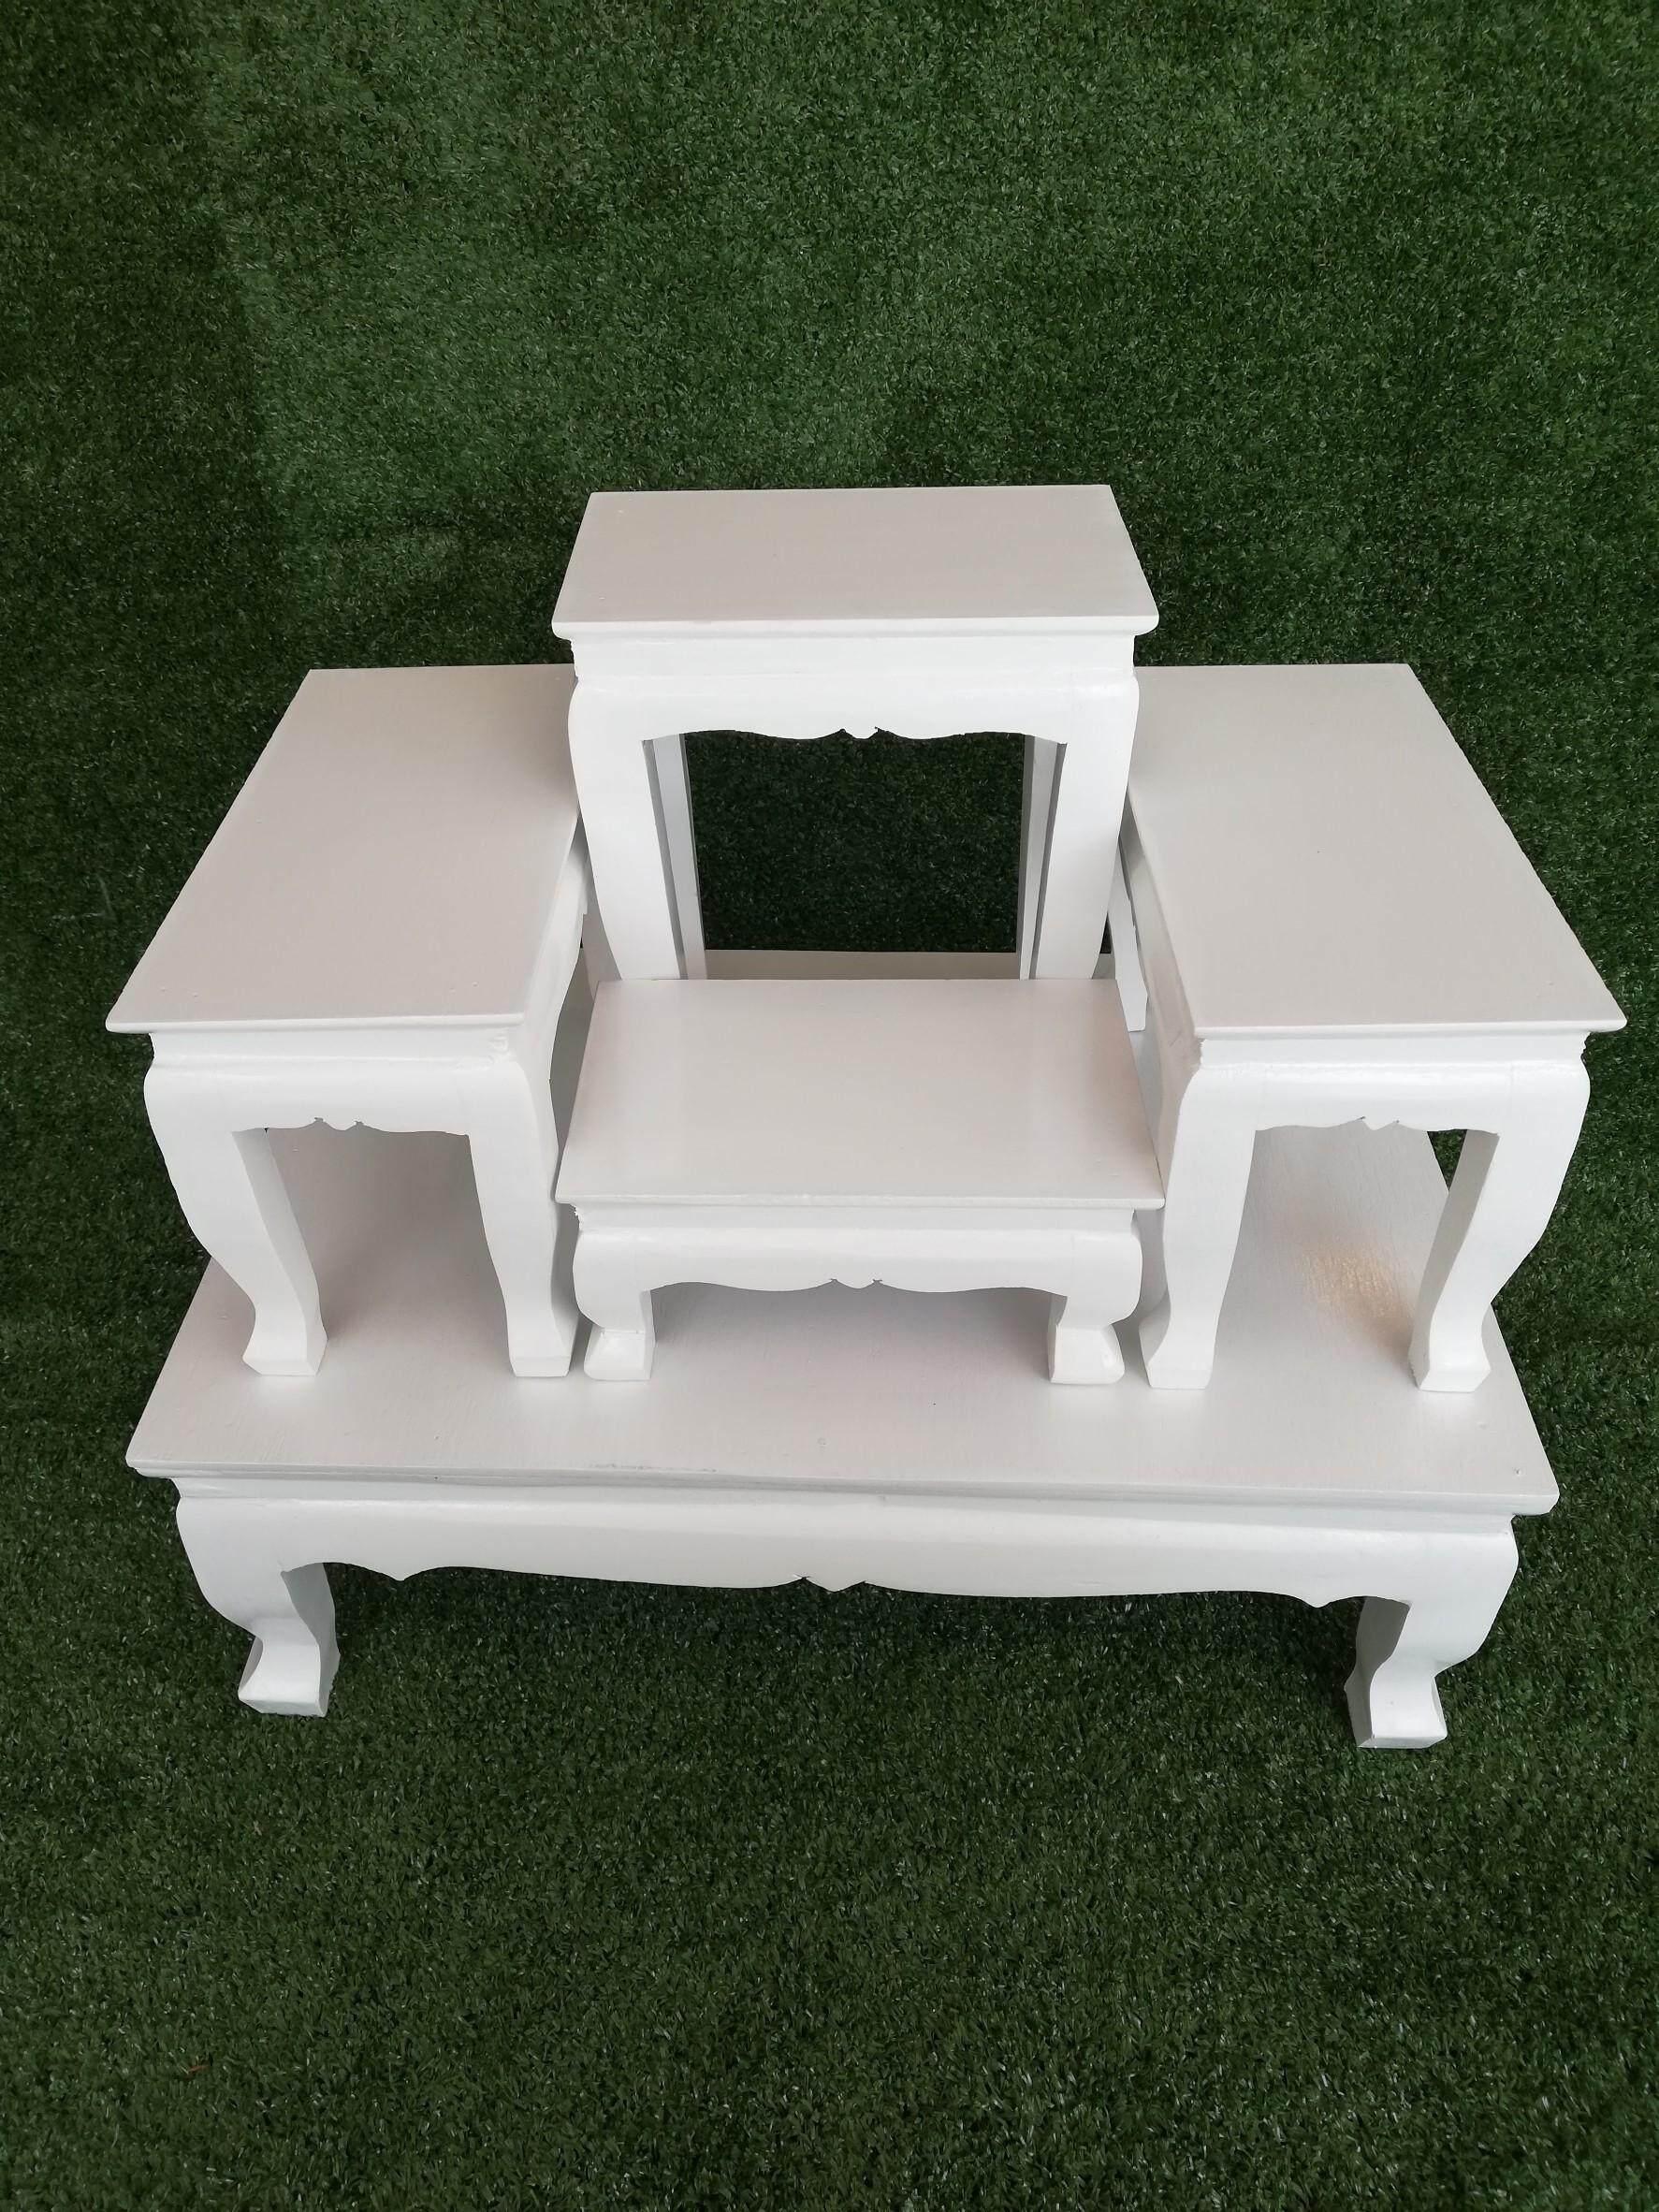 ลดสุดๆ โต๊ะหมู่บูชา หมู่ 4 หน้า 5 สีขาว ส่งฟรี!! KERRY